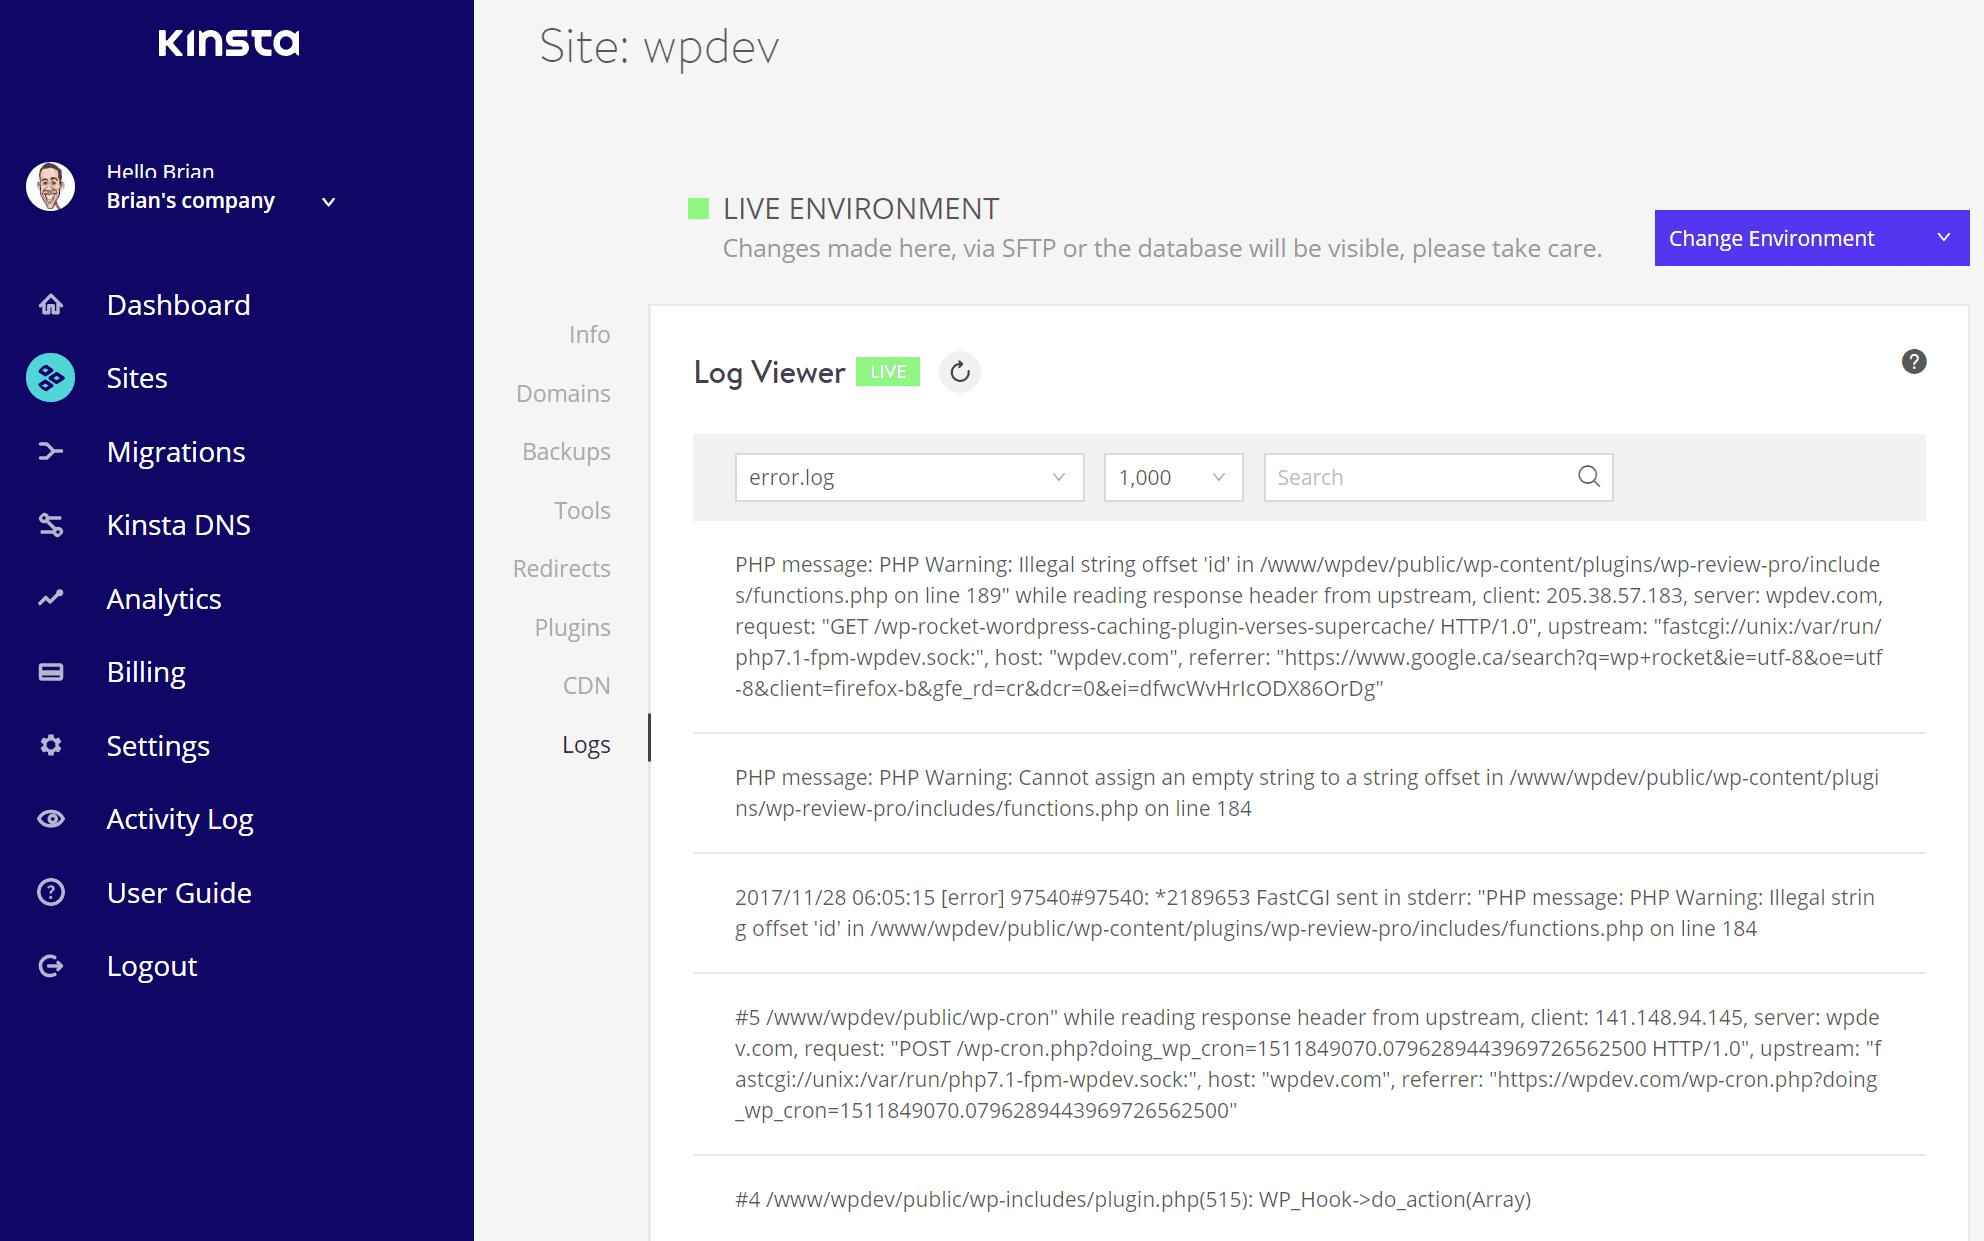 Kontroller fejllogfiler for 500 interne serverfejl